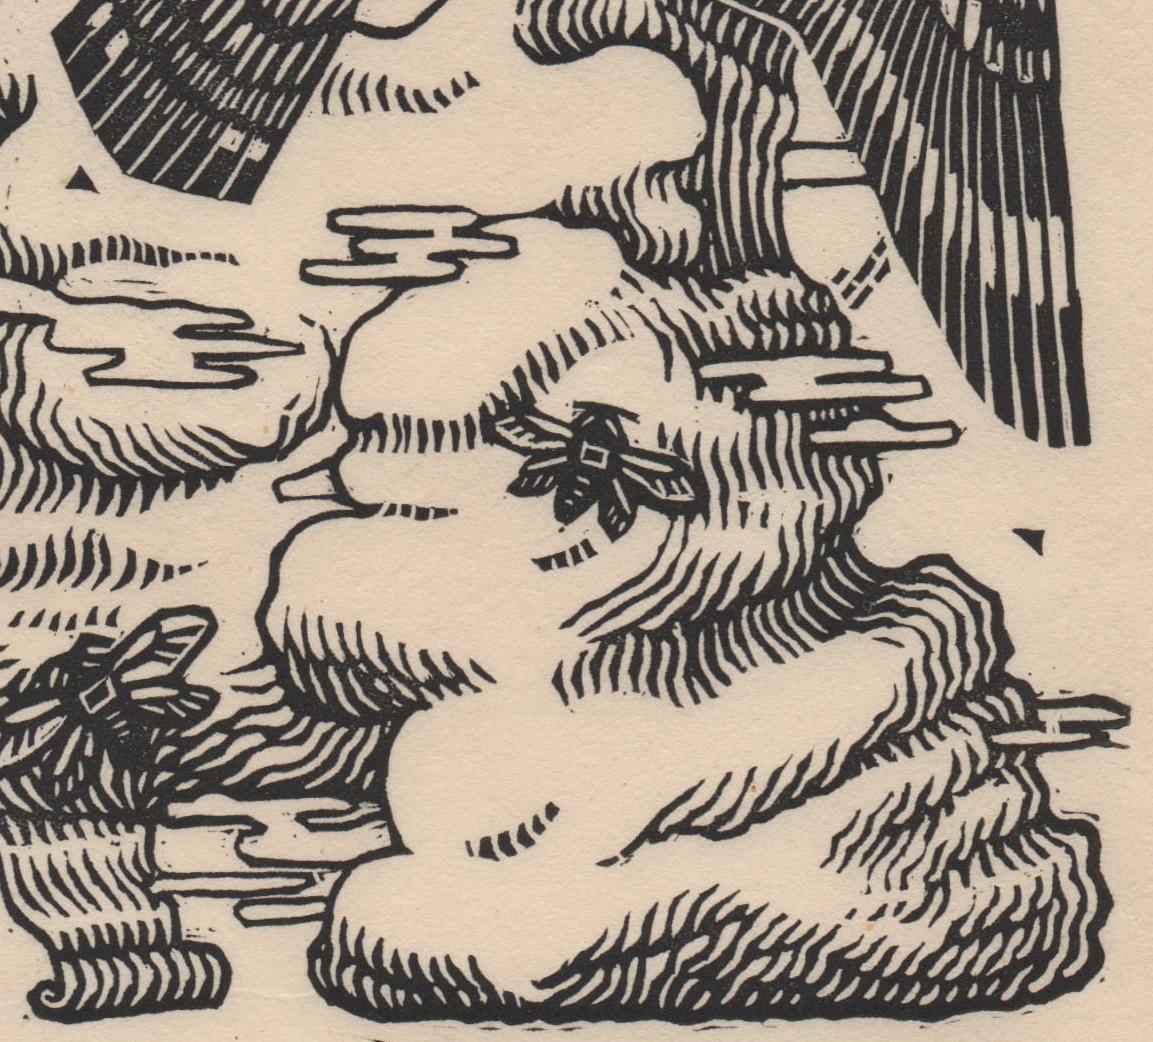 kite detail 2.jpg